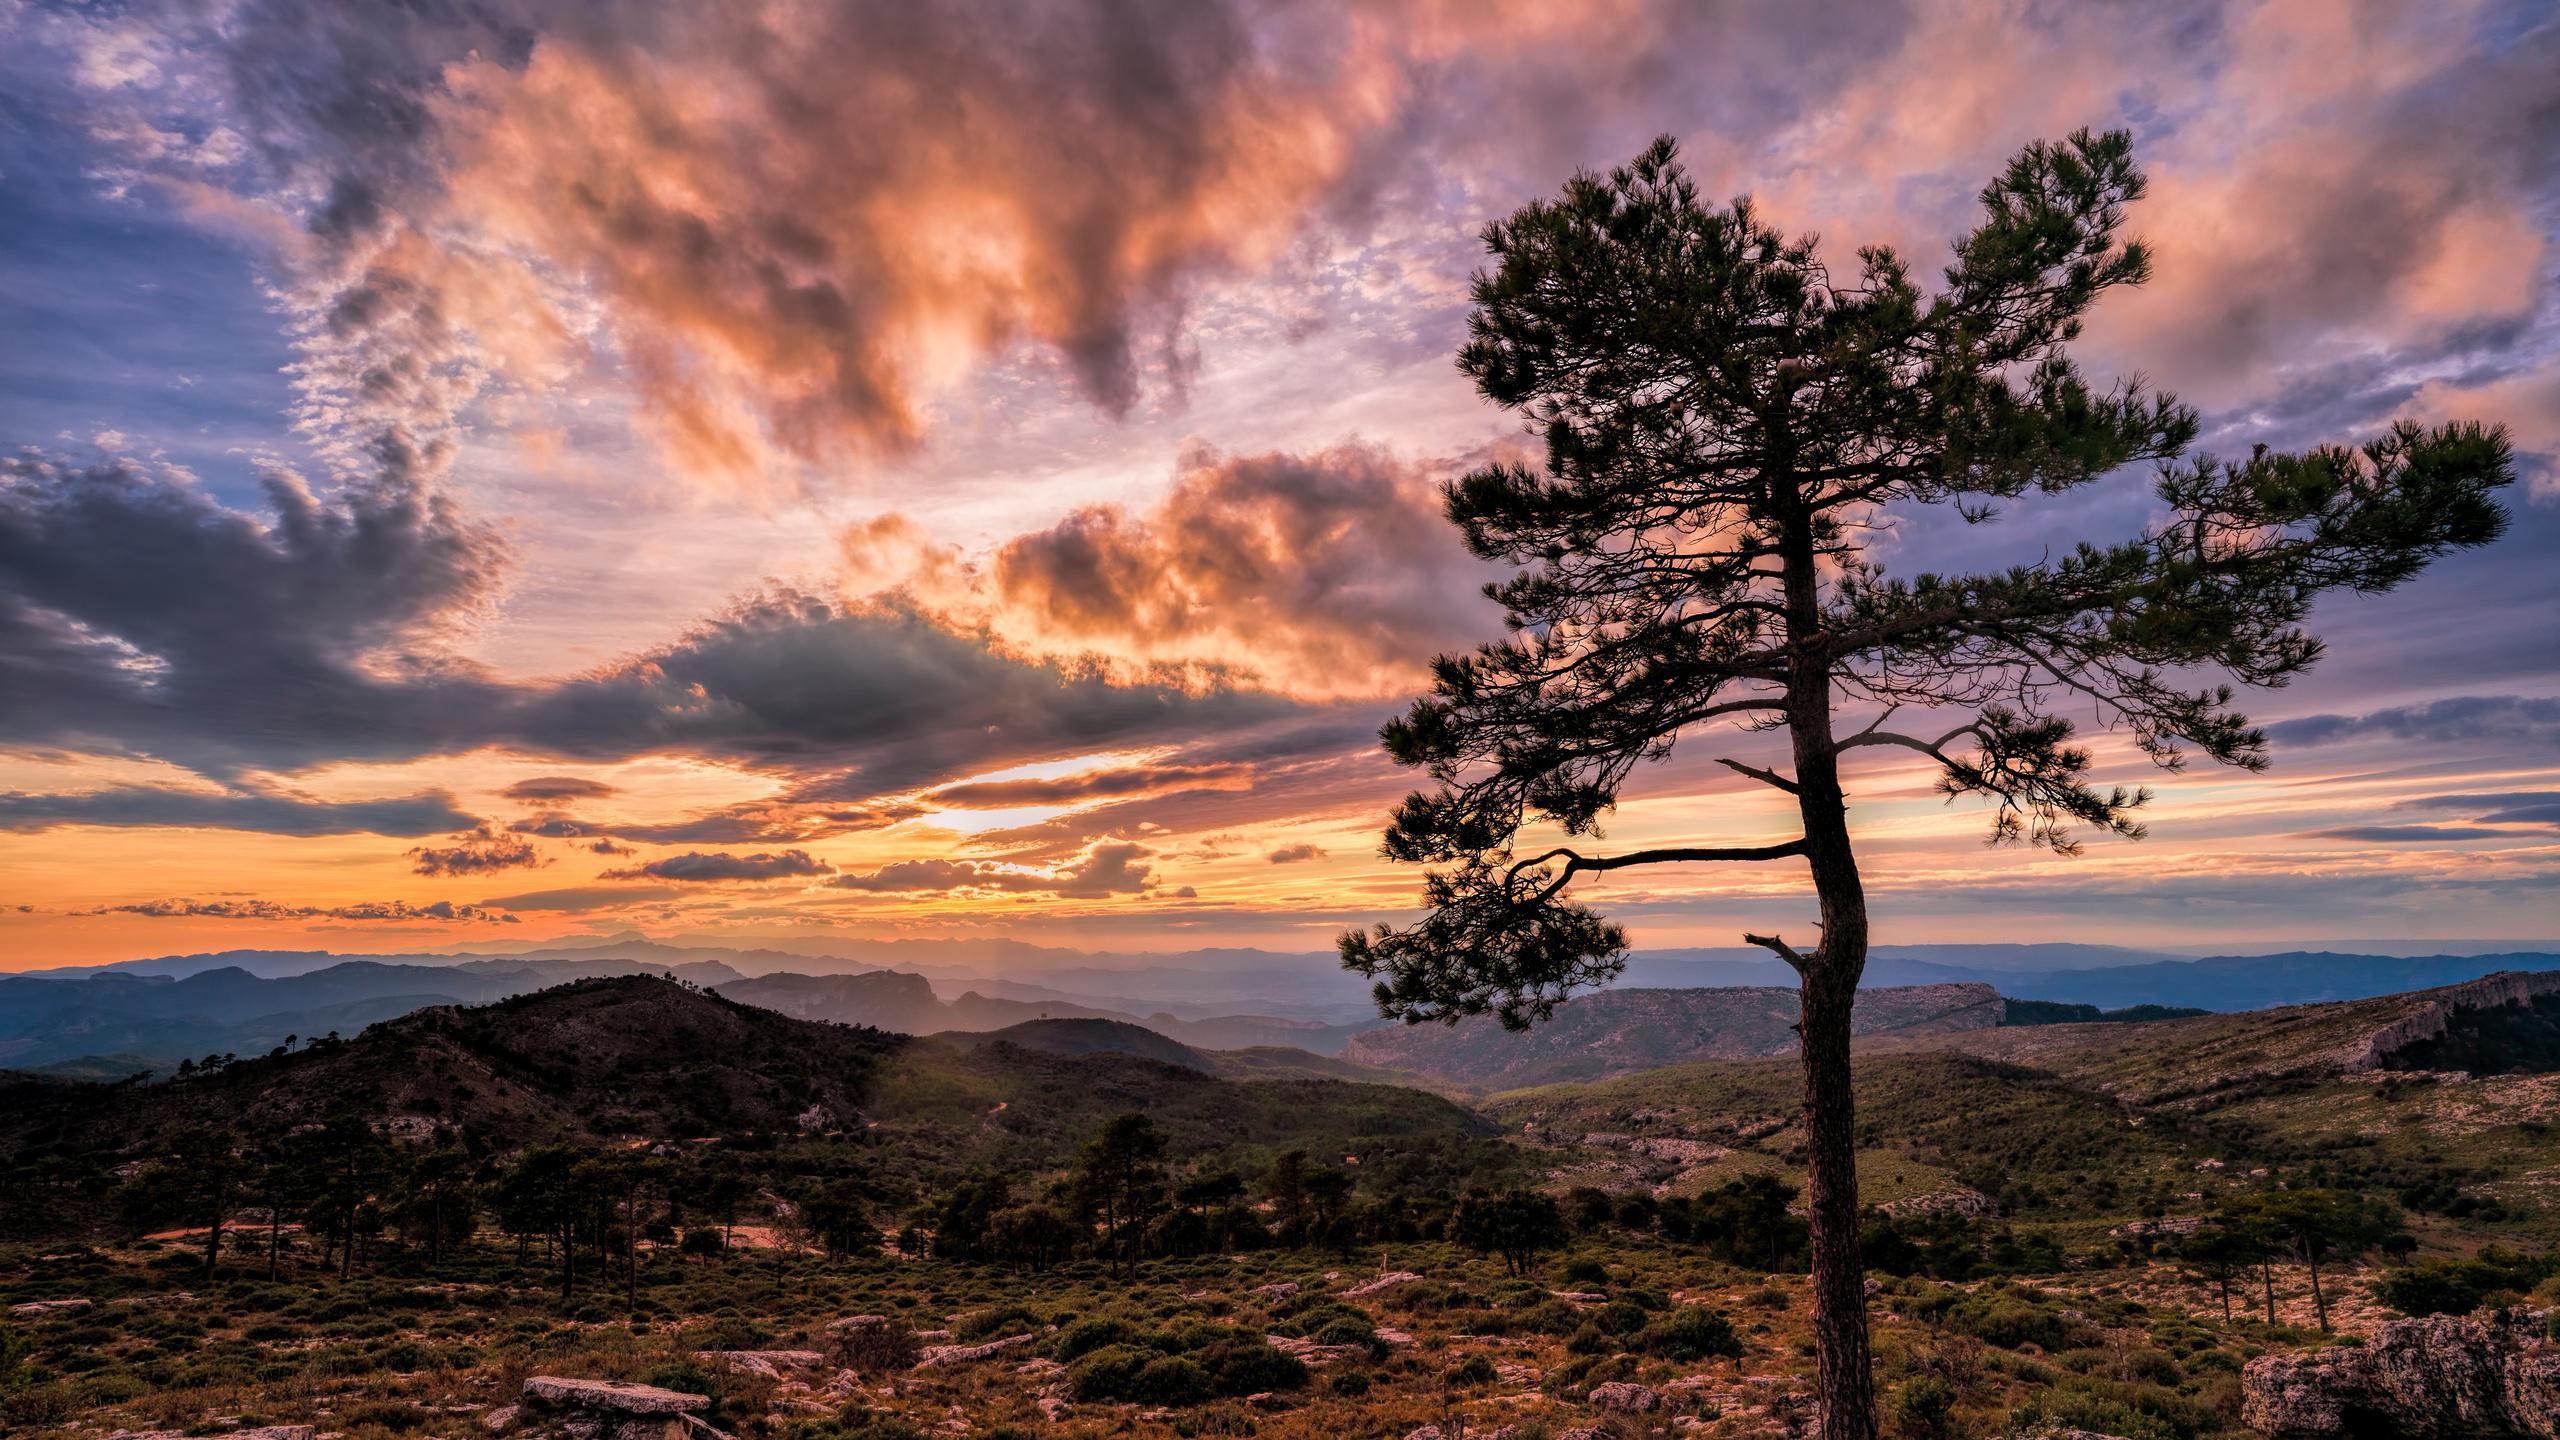 испания, горы, вечер, закат, небо, catalonia, облака, деревья, природа